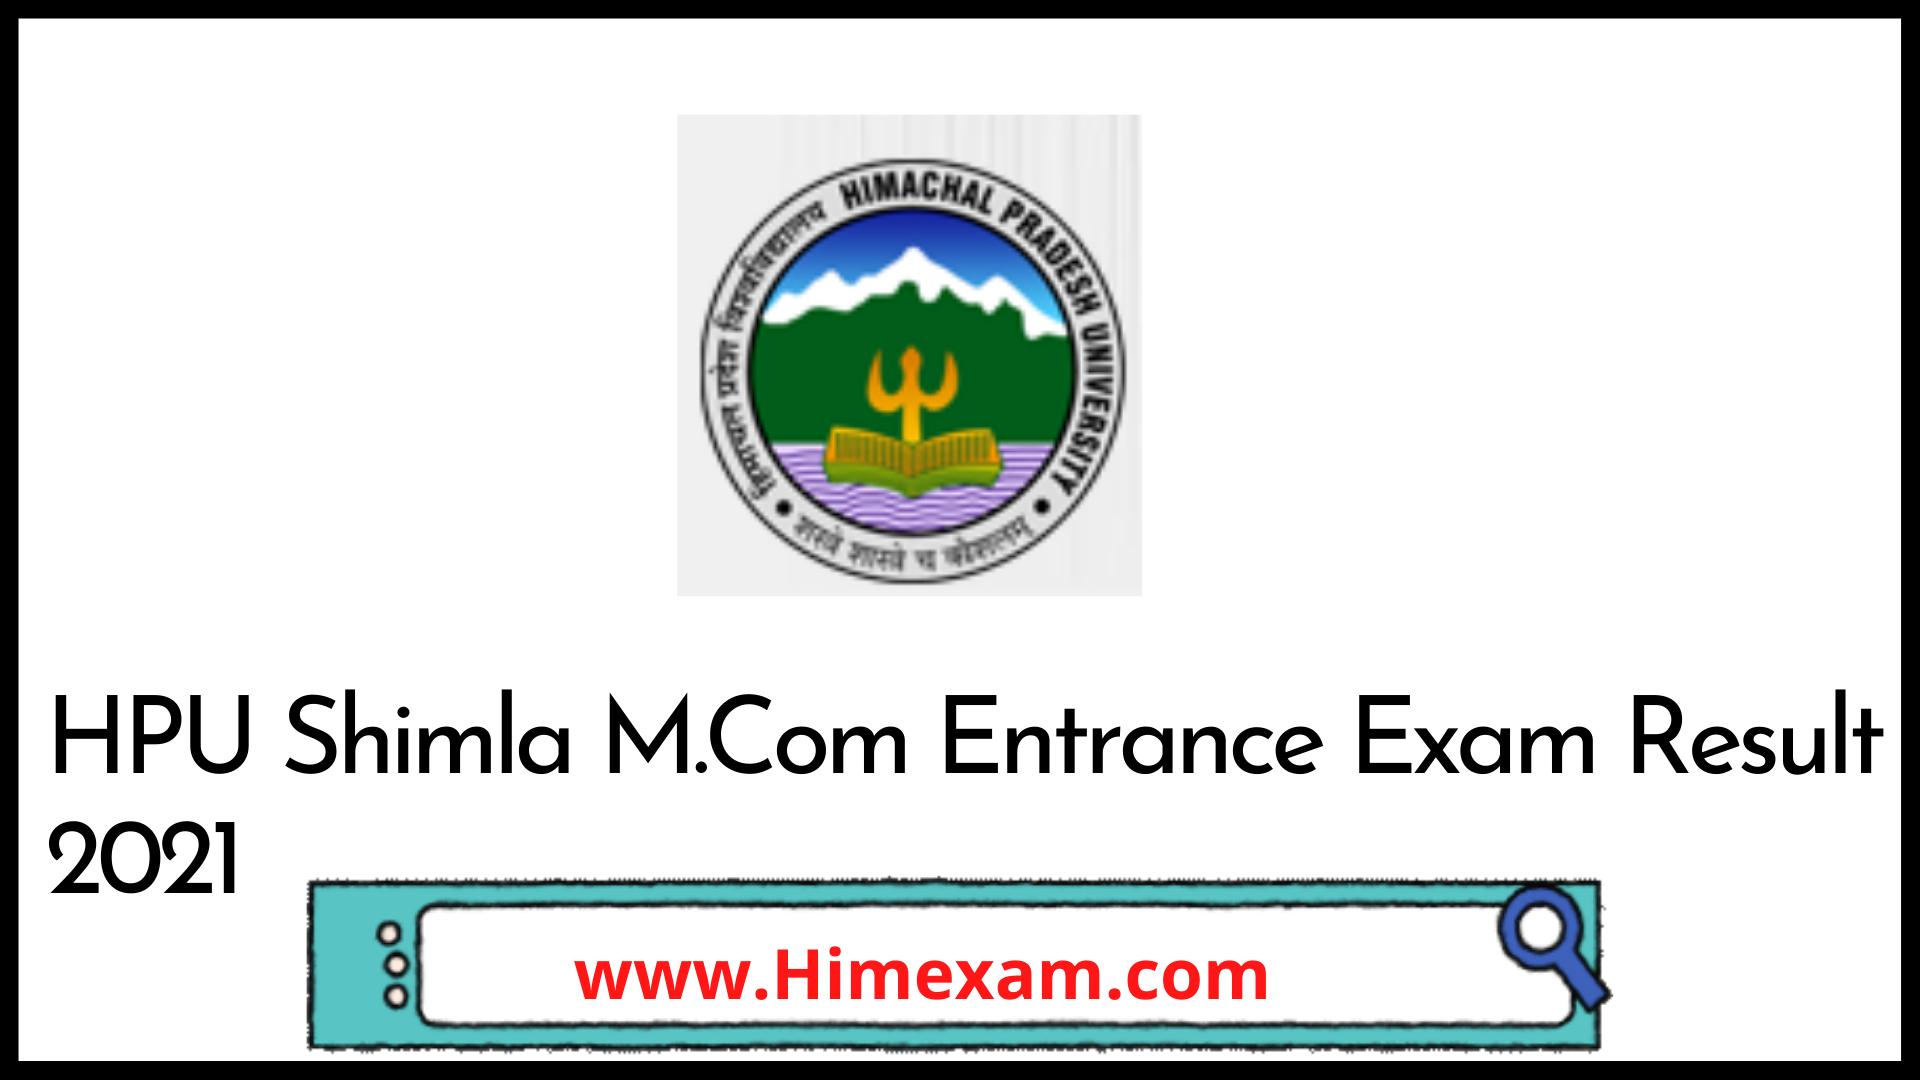 HPU Shimla M.Com Entrance Exam Result 2021